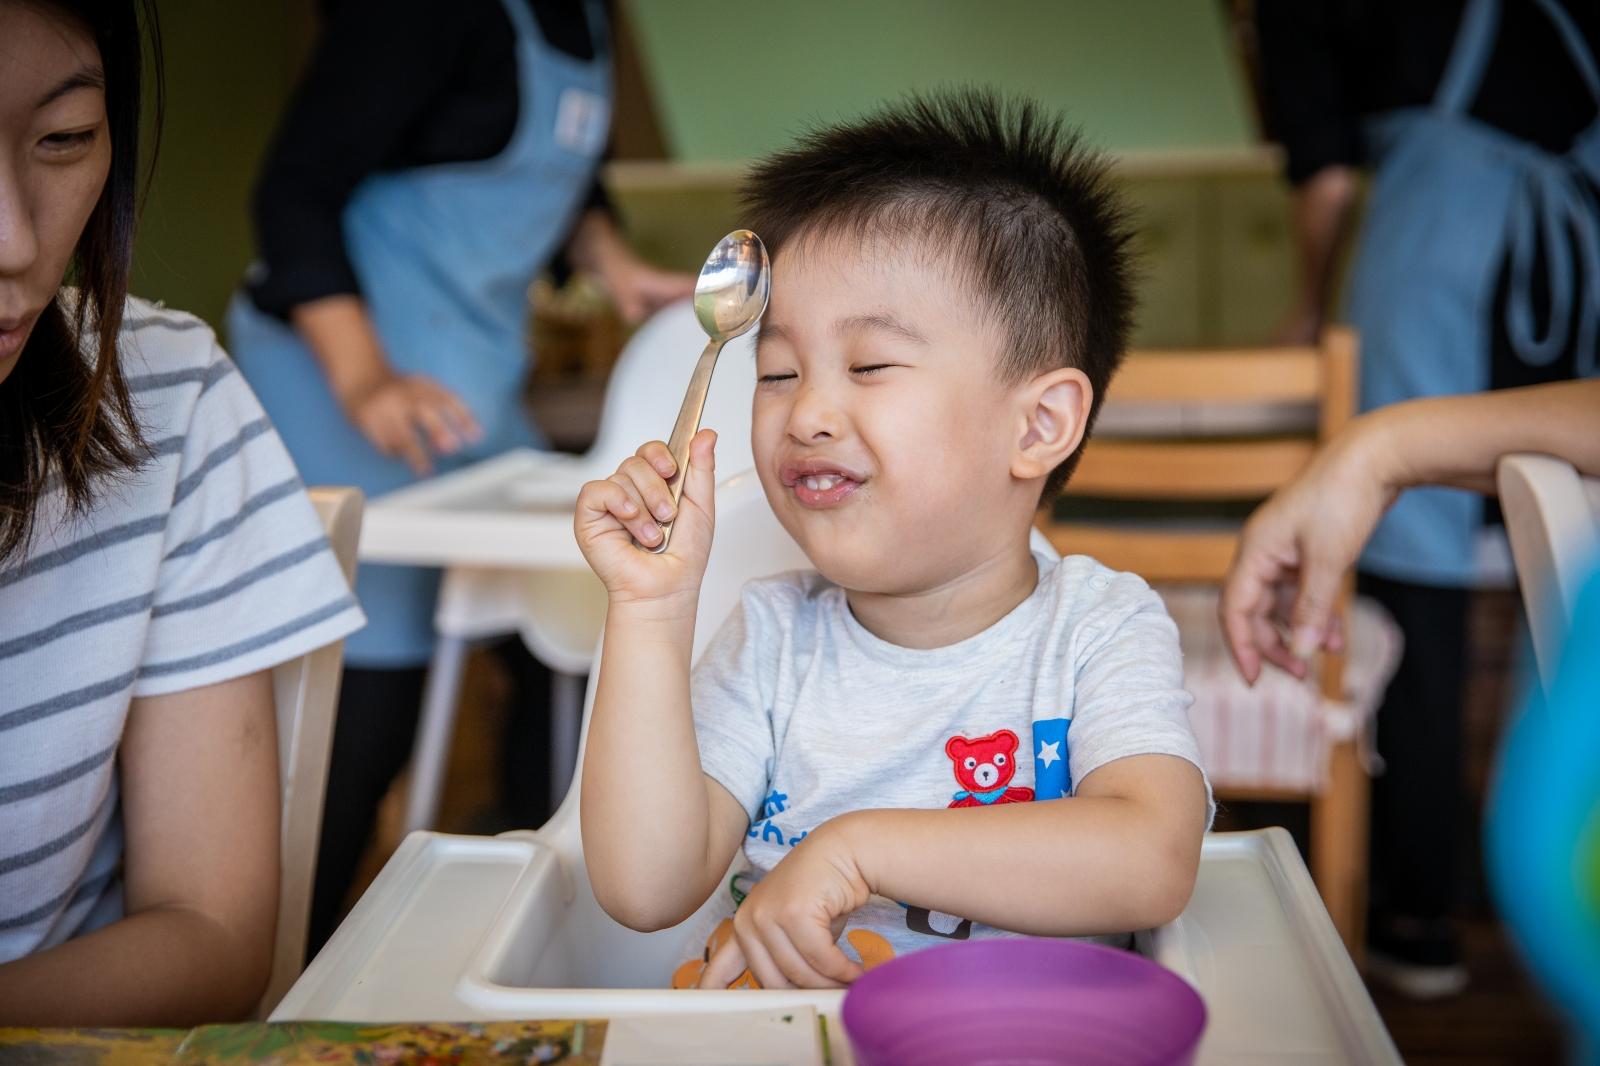 新竹美食|芙歐 full pasta 義式餐廳|小麥仔好愛的親子餐廳,新竹市區超優秀義大利麵專門店,餐點好到位不論義大利麵、燉飯、披薩都好吃|新竹親子餐廳推薦